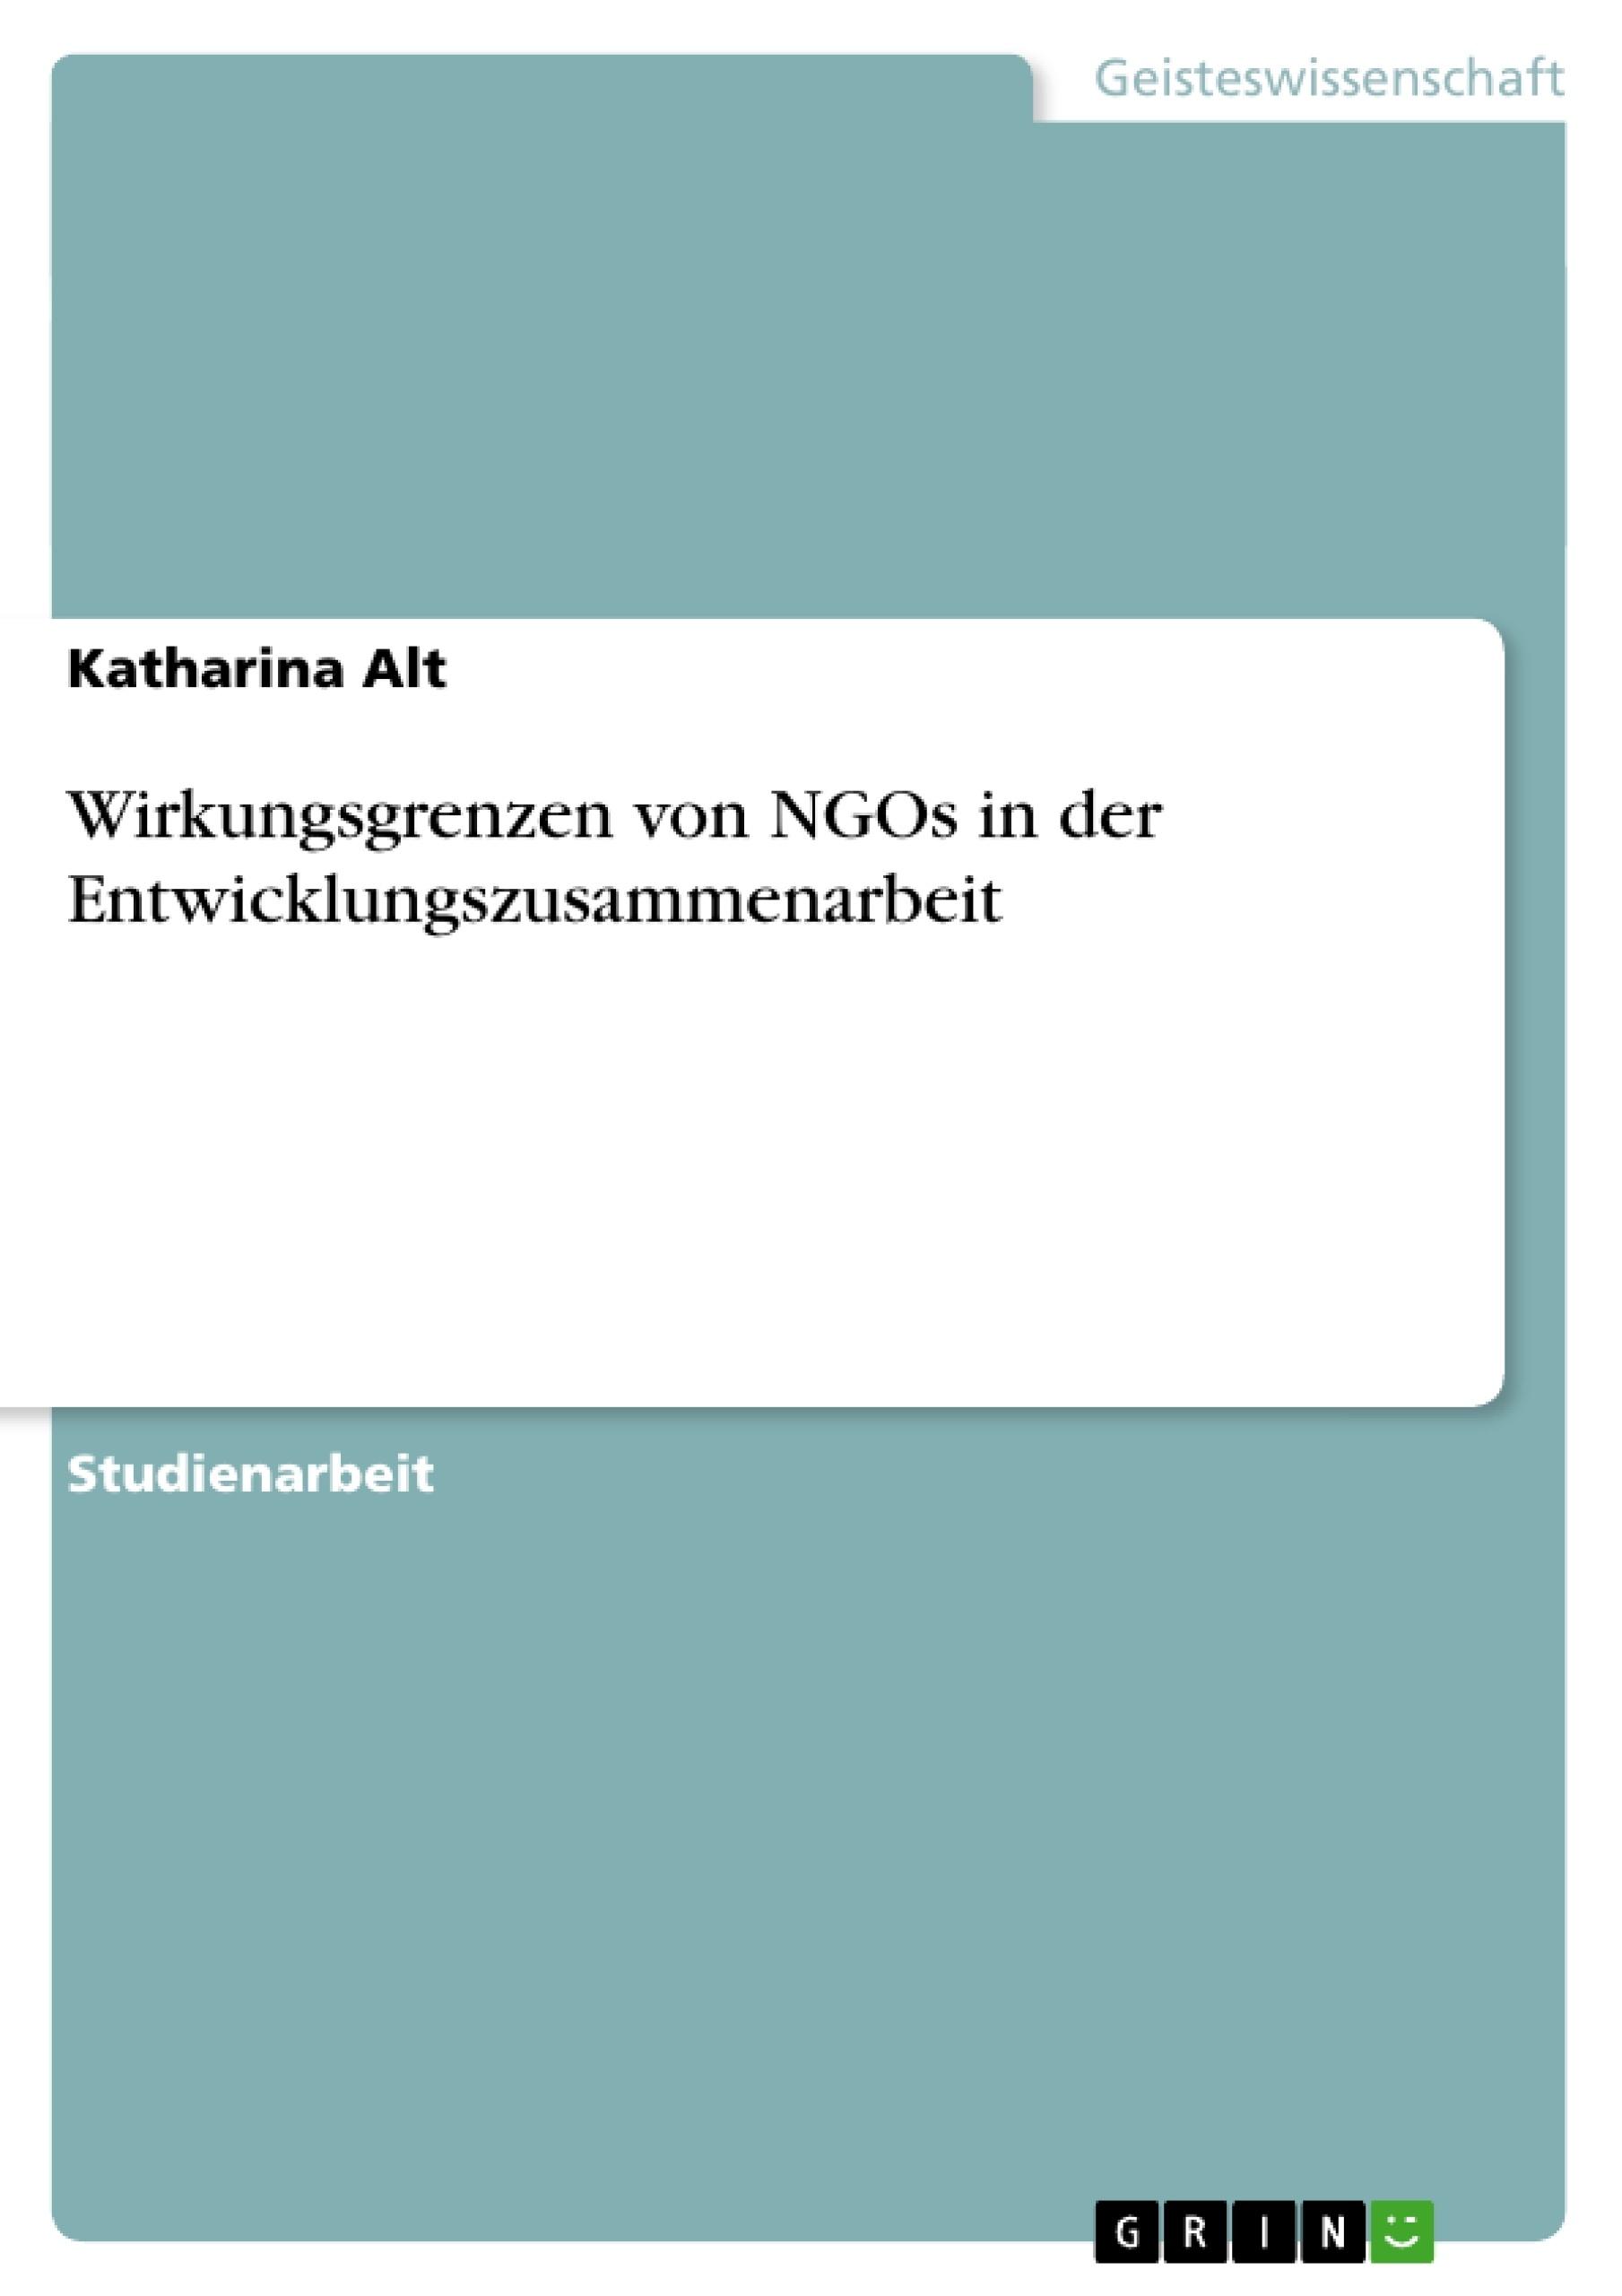 Titel: Wirkungsgrenzen von NGOs in der Entwicklungszusammenarbeit